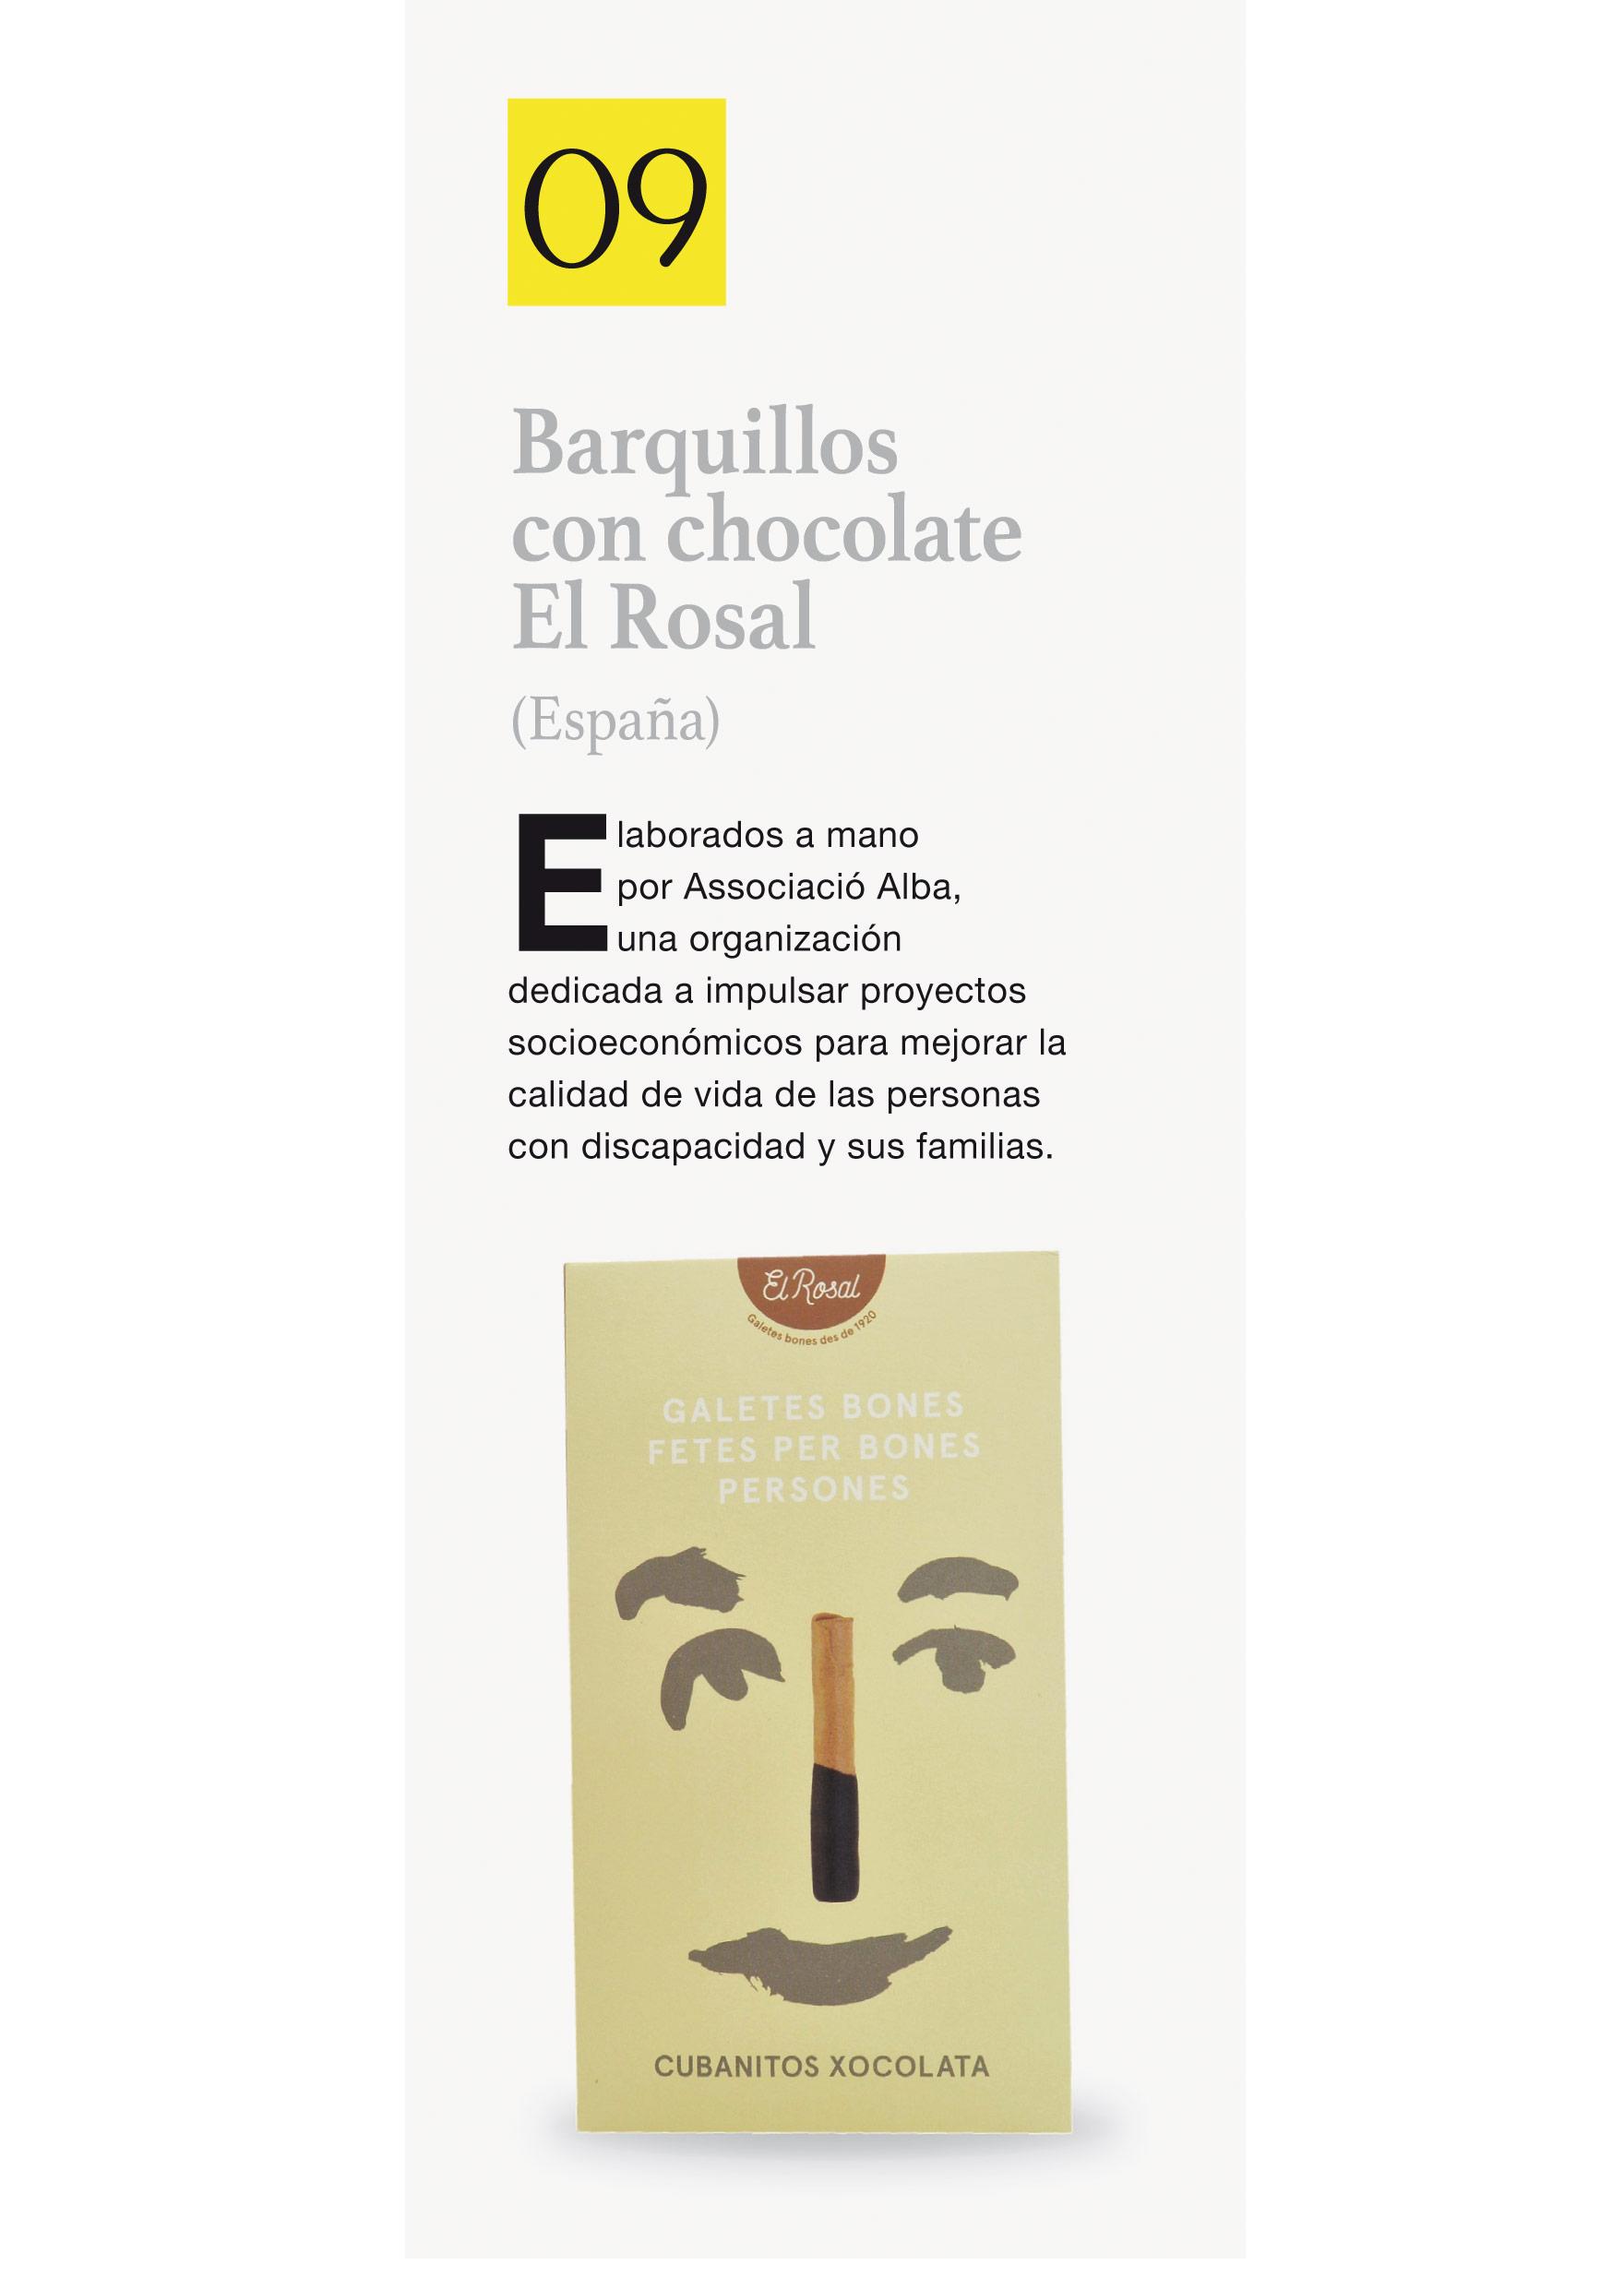 Barquillos con chocolate El Rosal